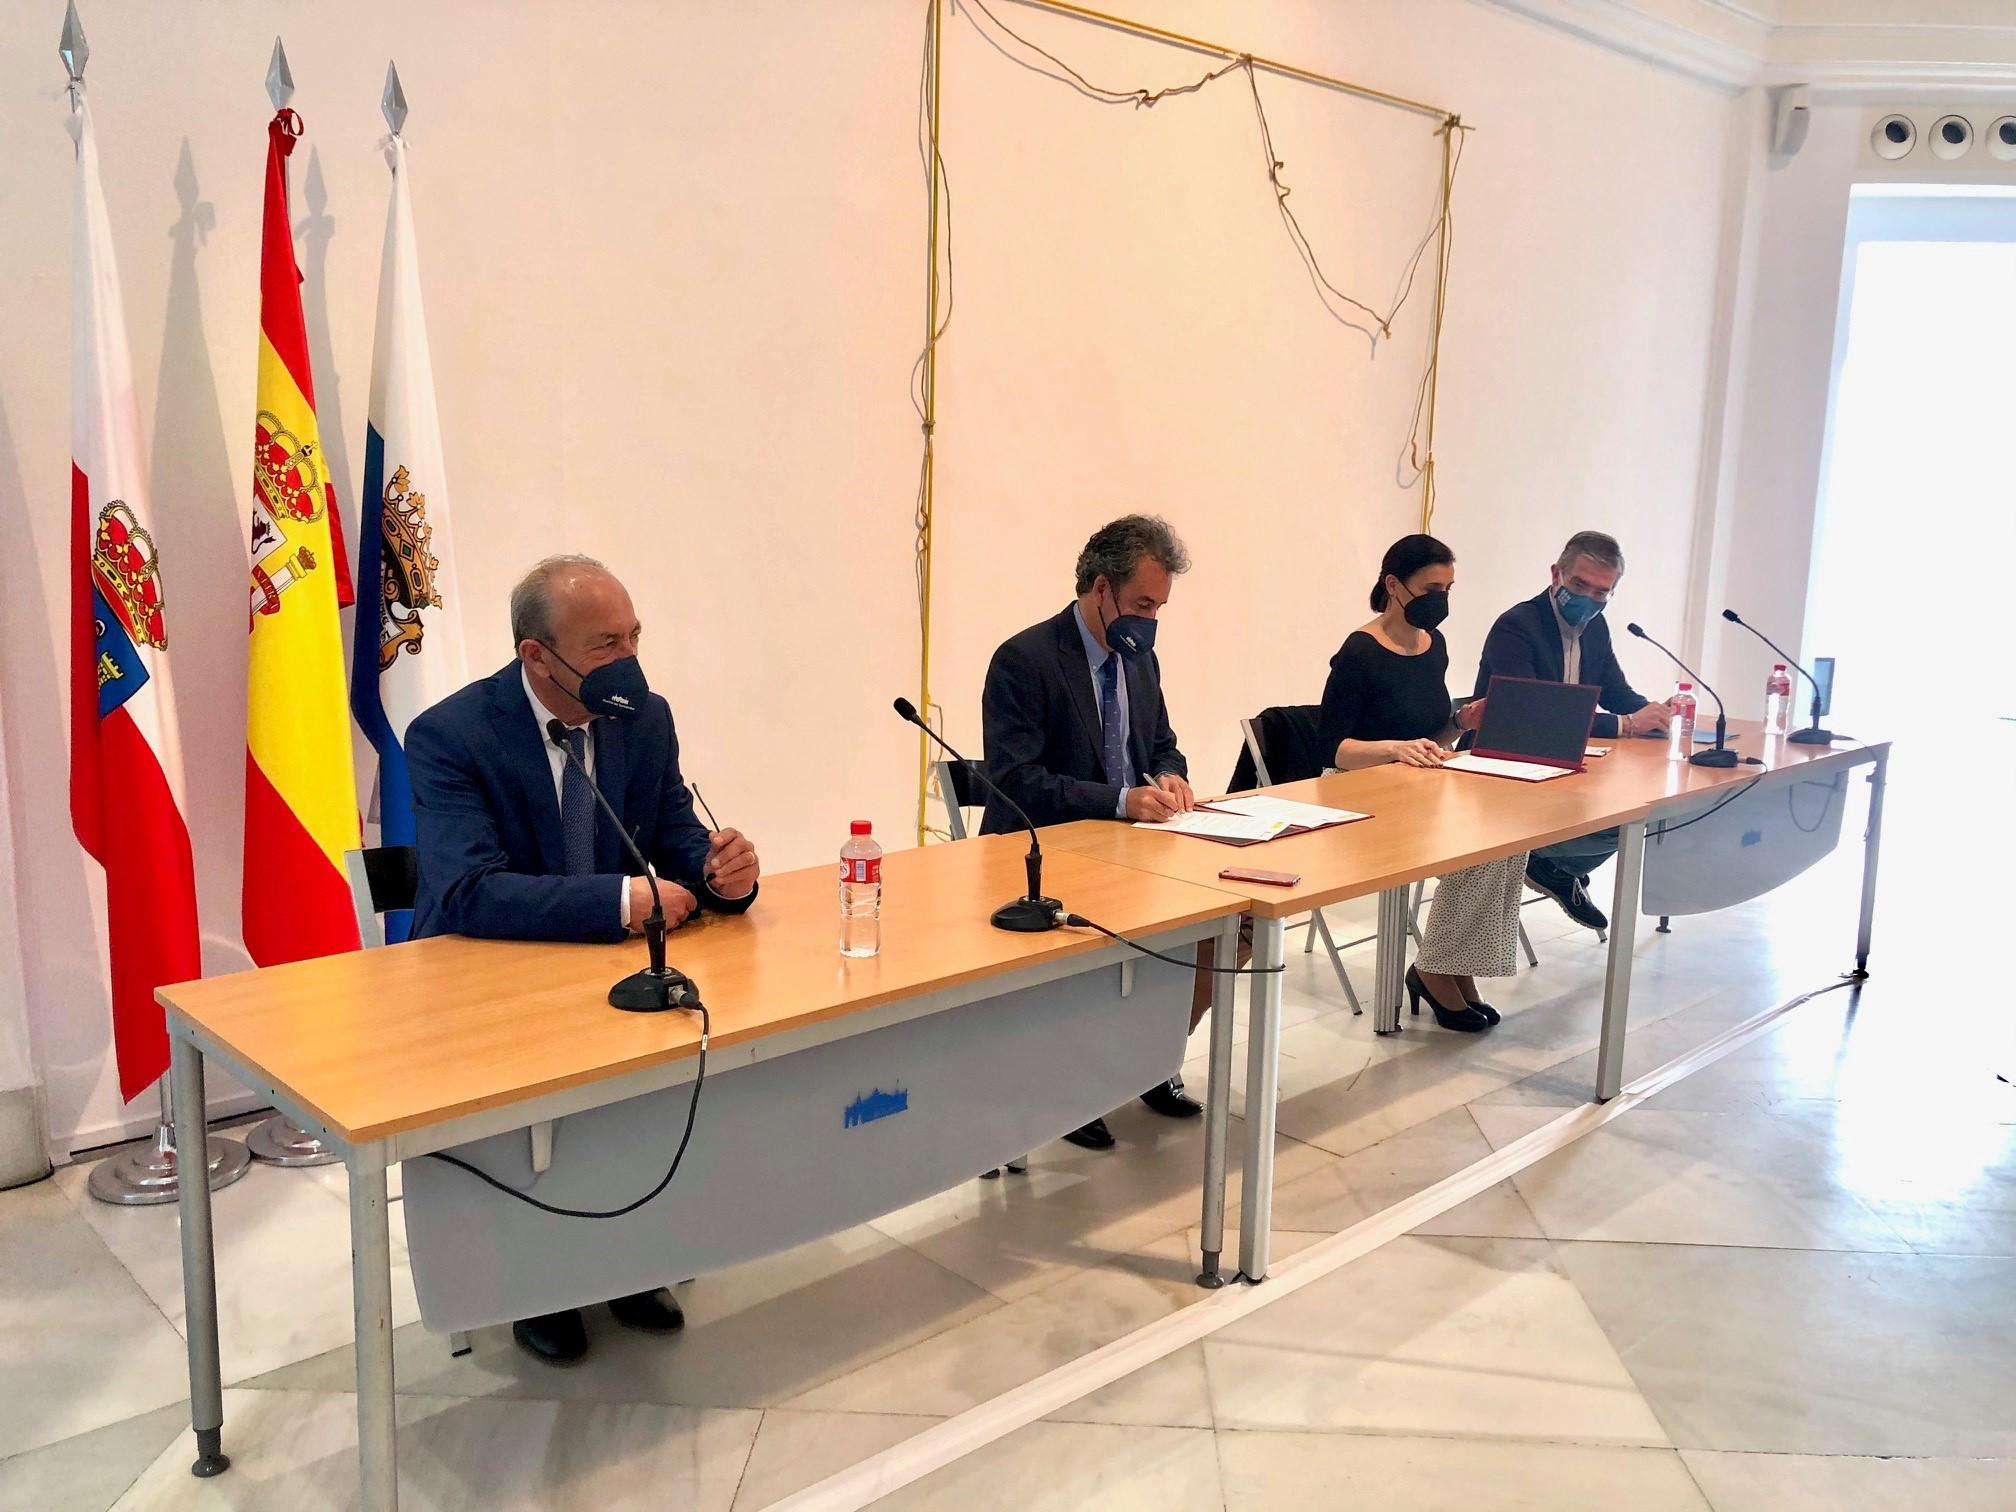 El Muelle de Maura de Santander estará abierto a los ciudadanos en la primavera de 2022